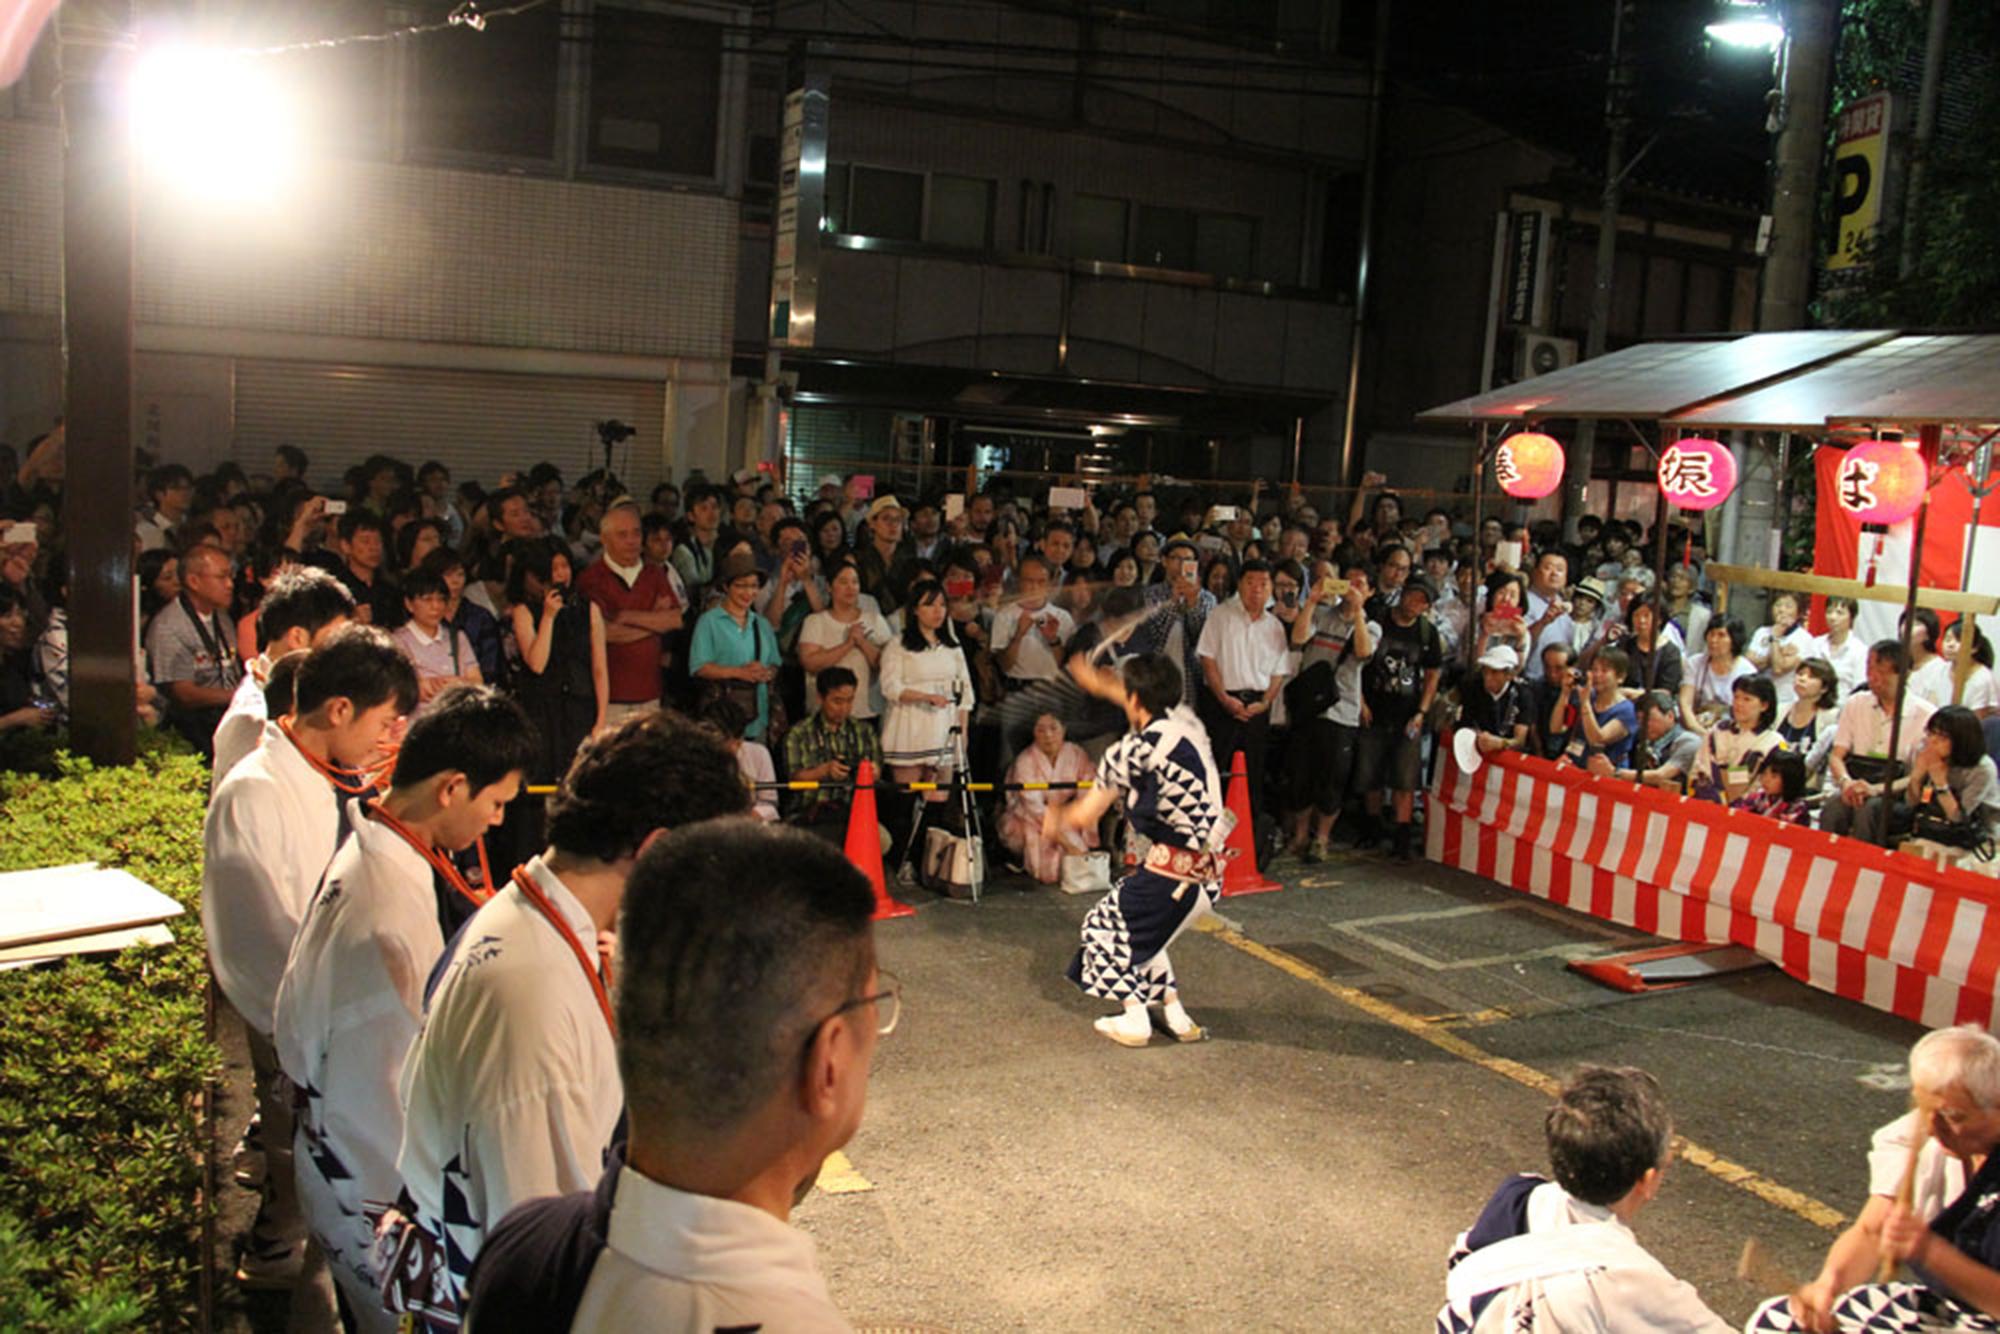 3日間の宵山において、特設後援会席でゆっくりと祇園囃子や棒振り踊りを鑑賞していただけます